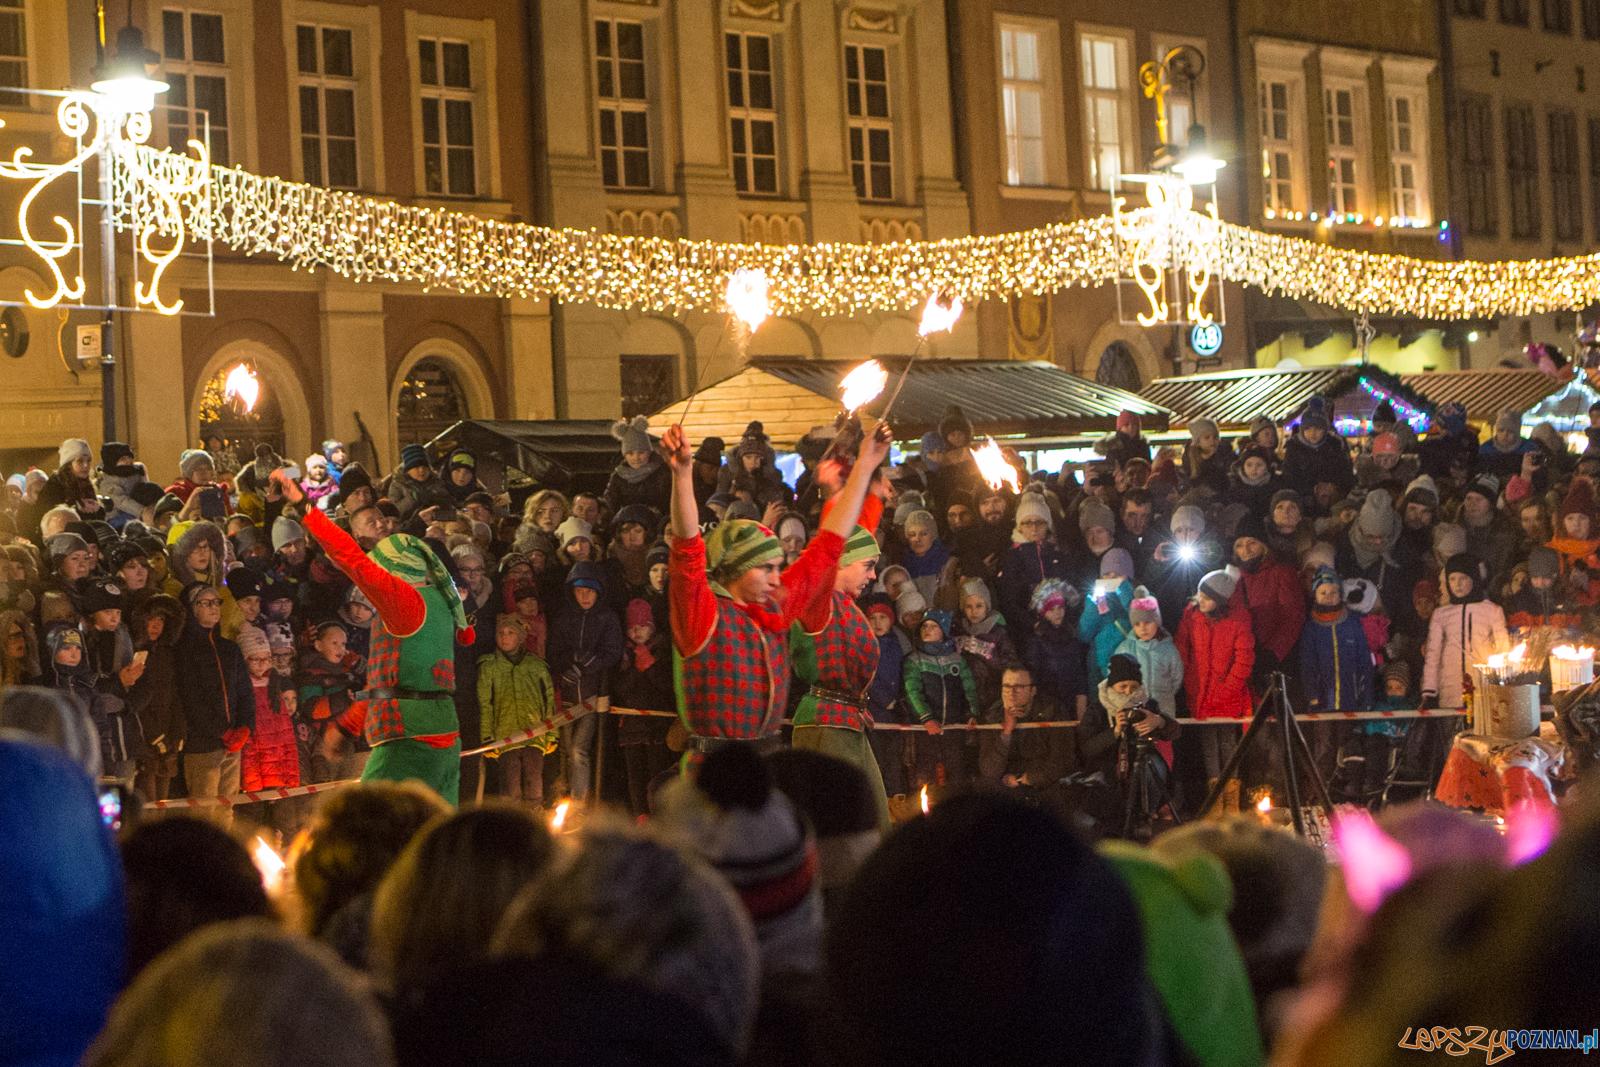 Betlejem Poznańskie: Mikołajkowy pokaz ogniowy - Poznań 03.12  Foto: LepszyPOZNAN.pl / Paweł Rychter